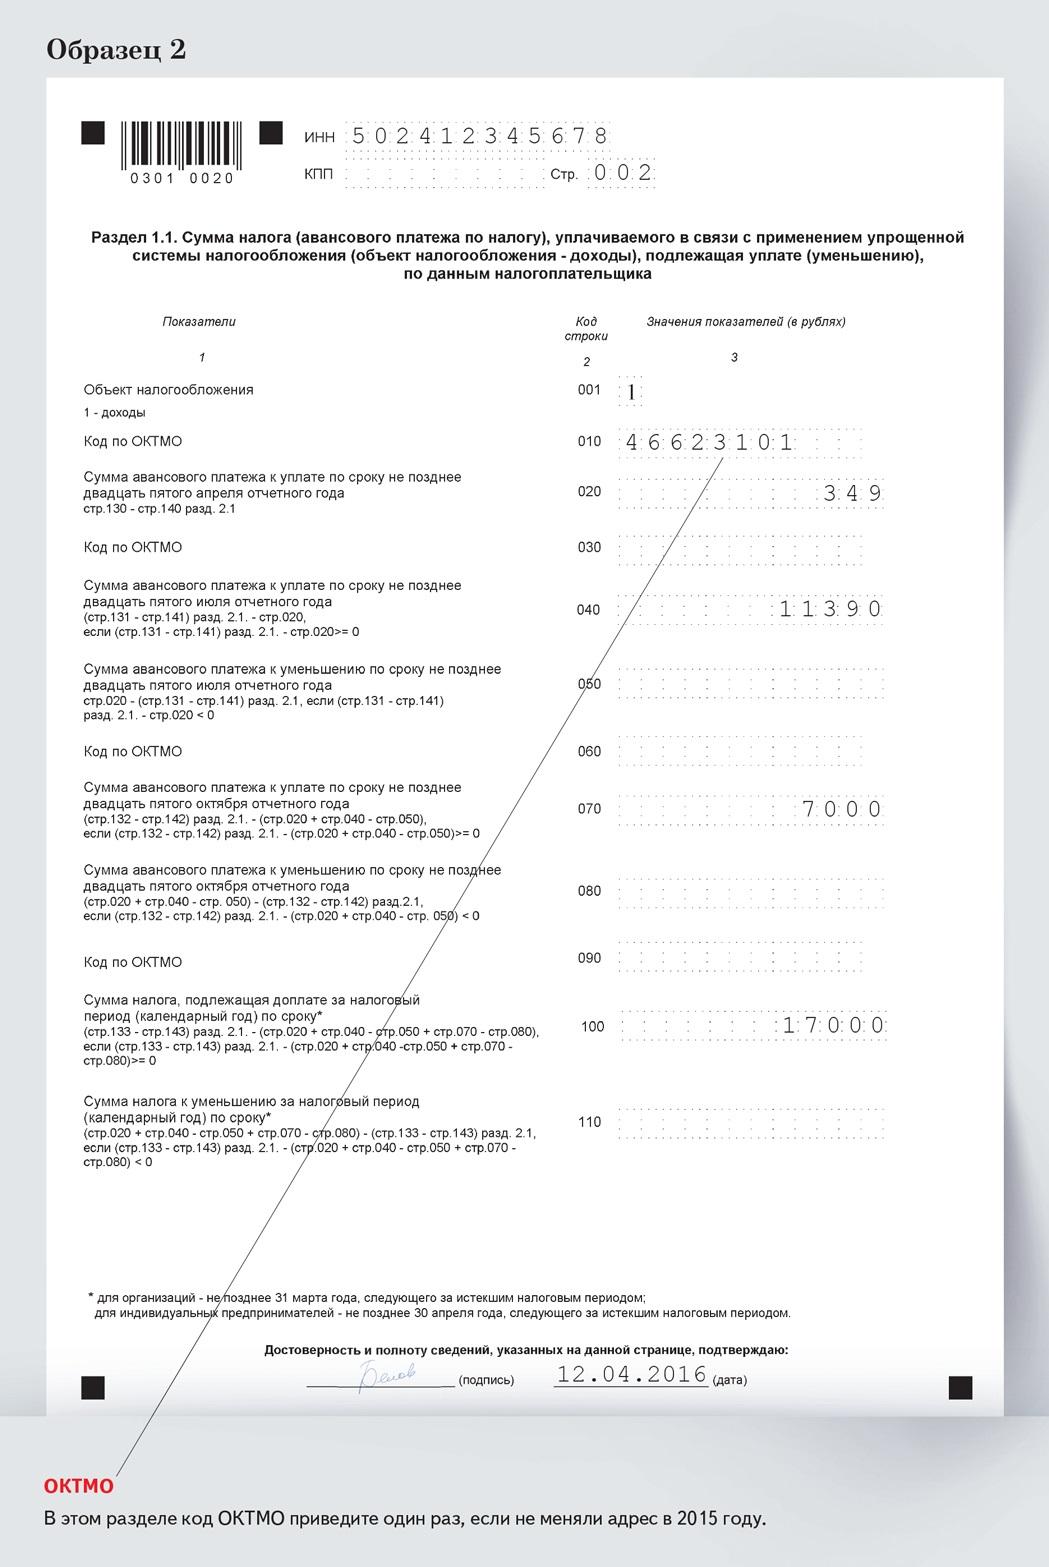 новый бланк единой упрощенной налоговой декларации 2014